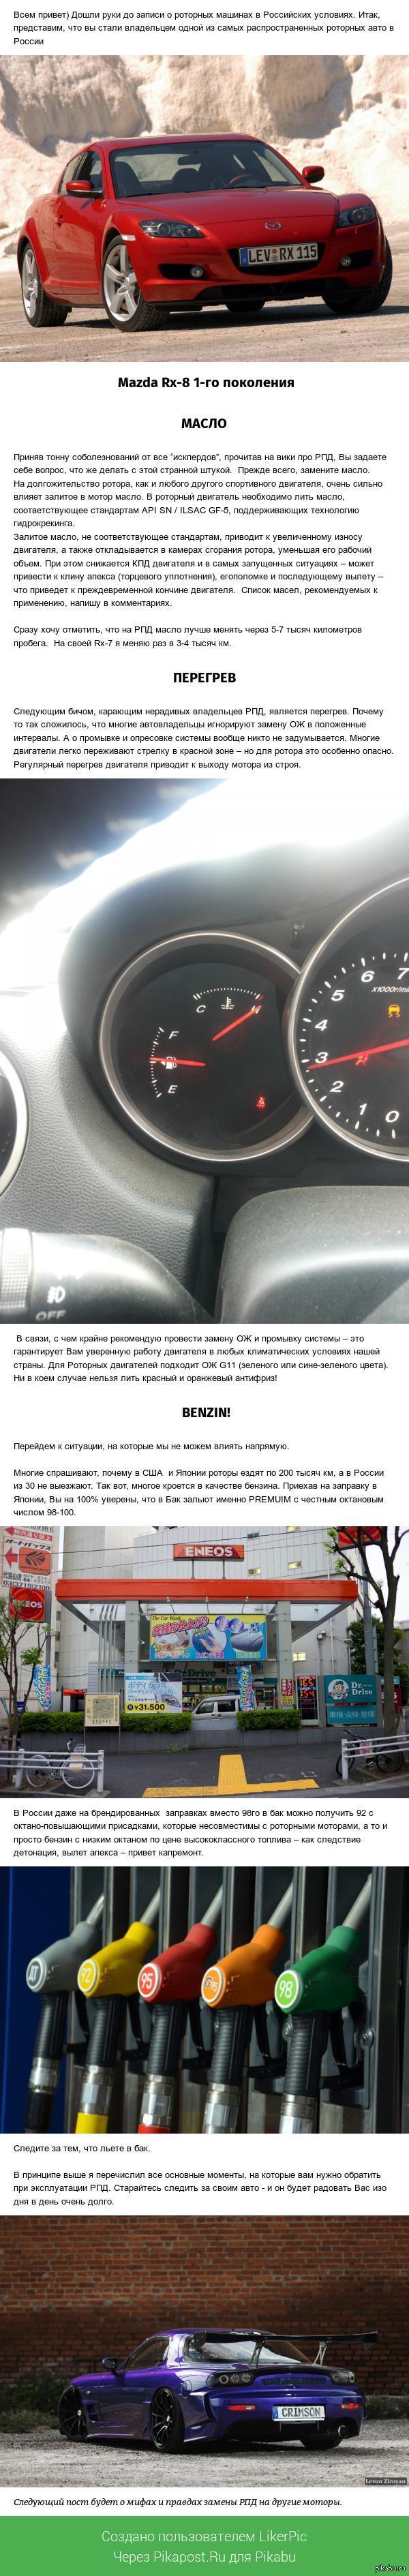 Каково быть владельцем Mazda Rx-8(7) в России. Вся поднаготная история об эксплуатации РПД в Российских реалиях.